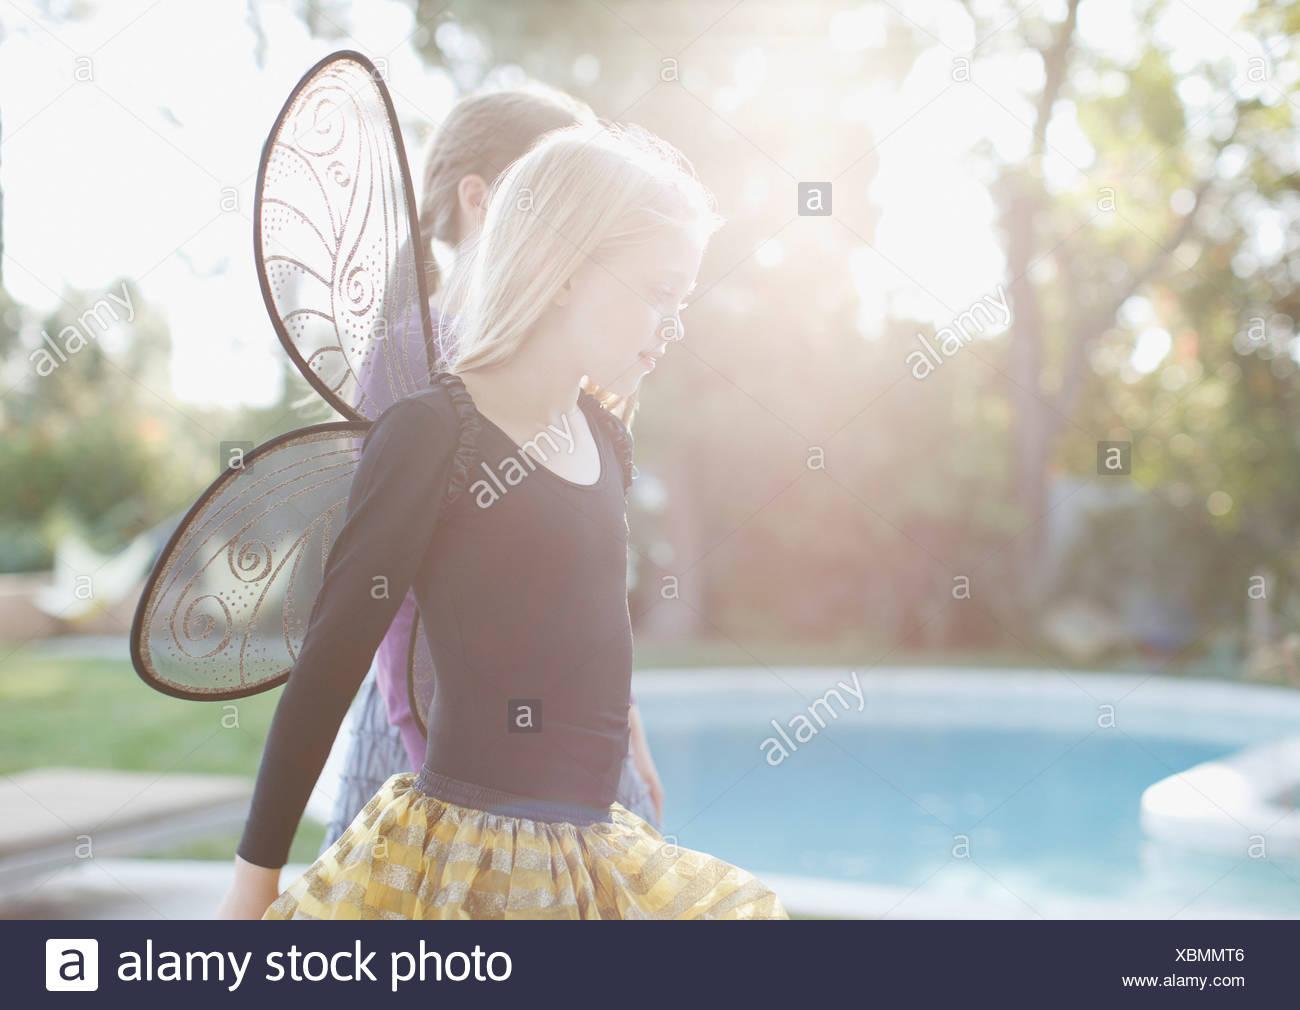 8-9 años,iluminada desde atrás,California,ropa casual,caucásico,infancia,color image,traje,día,vida doméstica,elementary Imagen De Stock